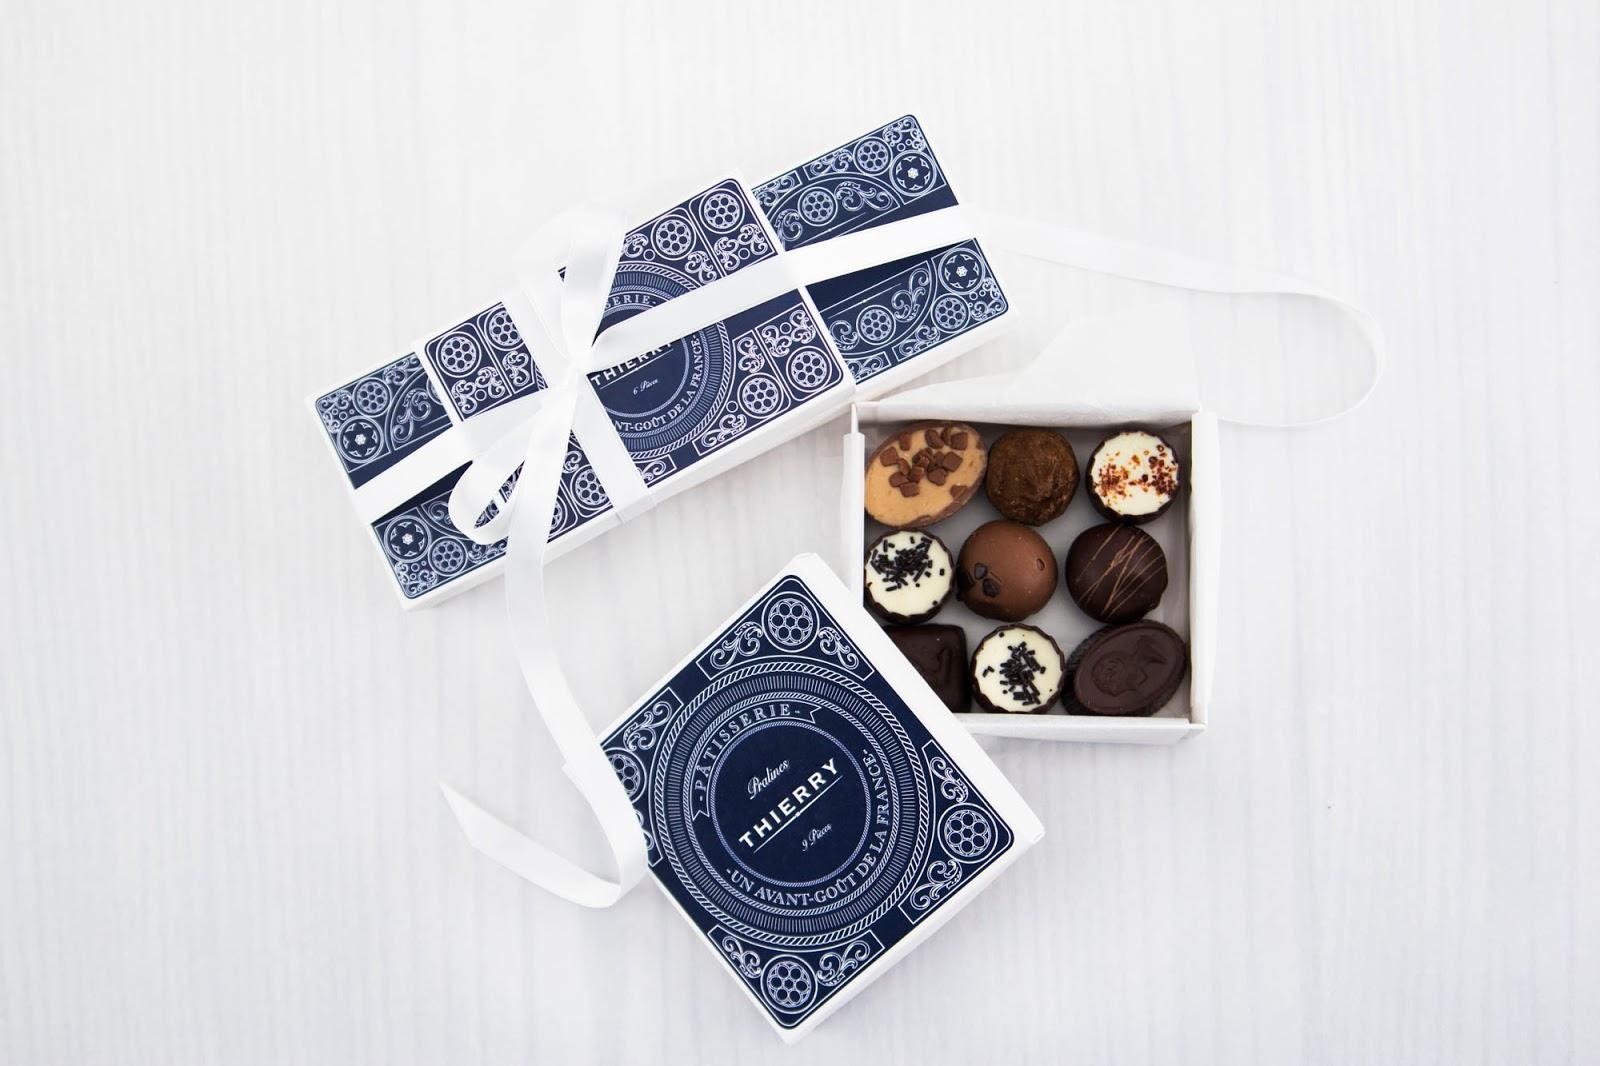 ребрендинг, фирменный стиль, бумажные пакеты, коробочки из картона, открытки, приглашения, визитки, полиграфия, дизайн, упаковка